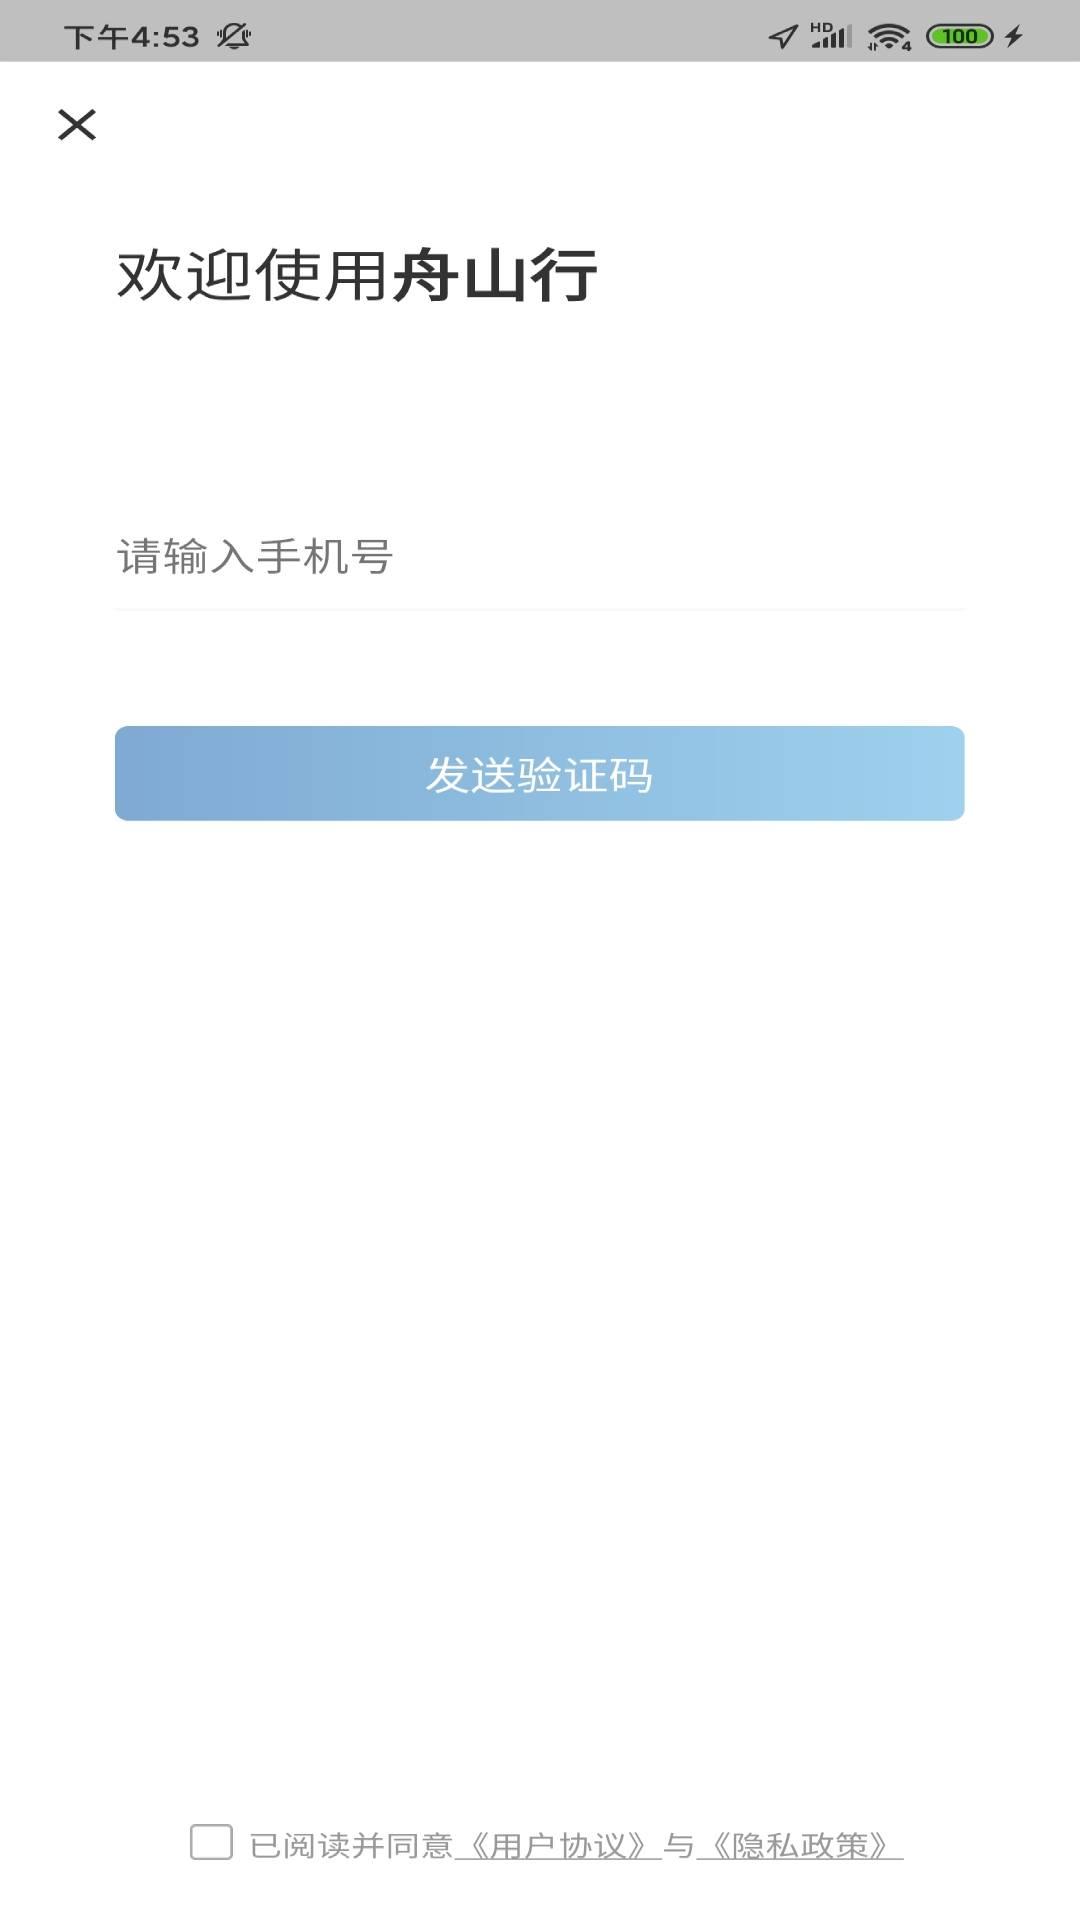 舟山公交 V1.0.3 安卓版截图3